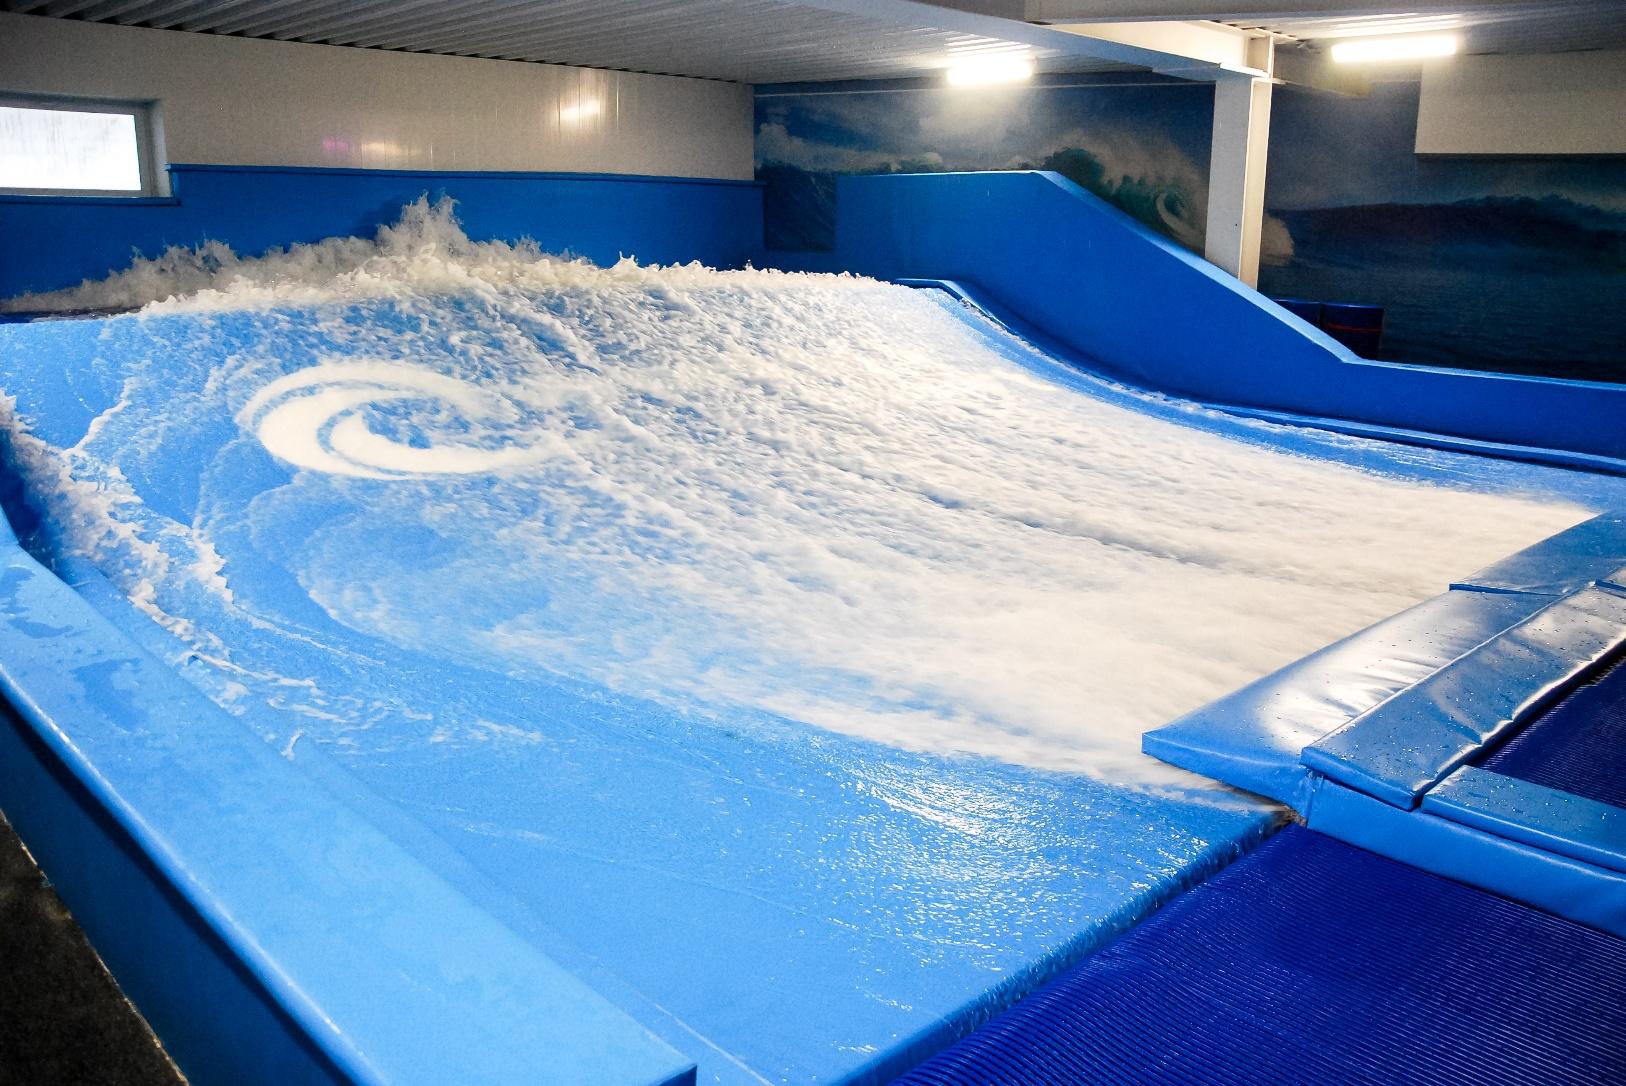 Искусственная волна Flowrider в Сергиевом Пасаде.